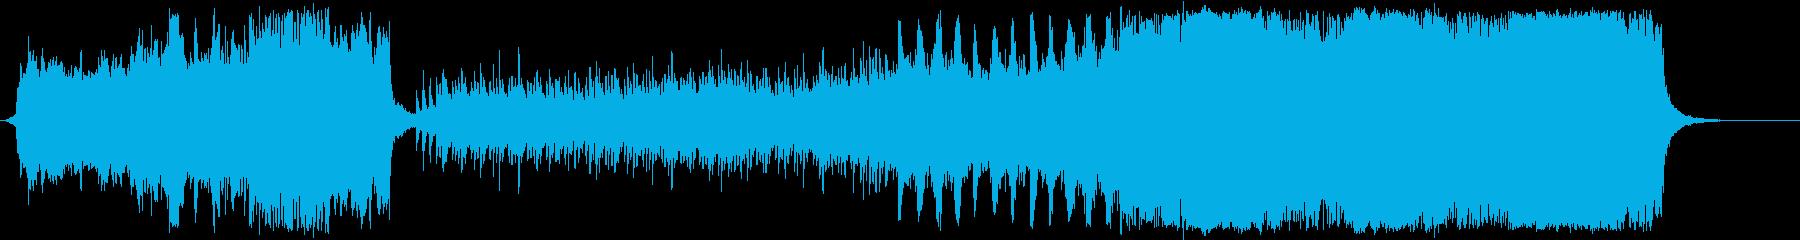 空をイメージしたフルオーケストラの再生済みの波形